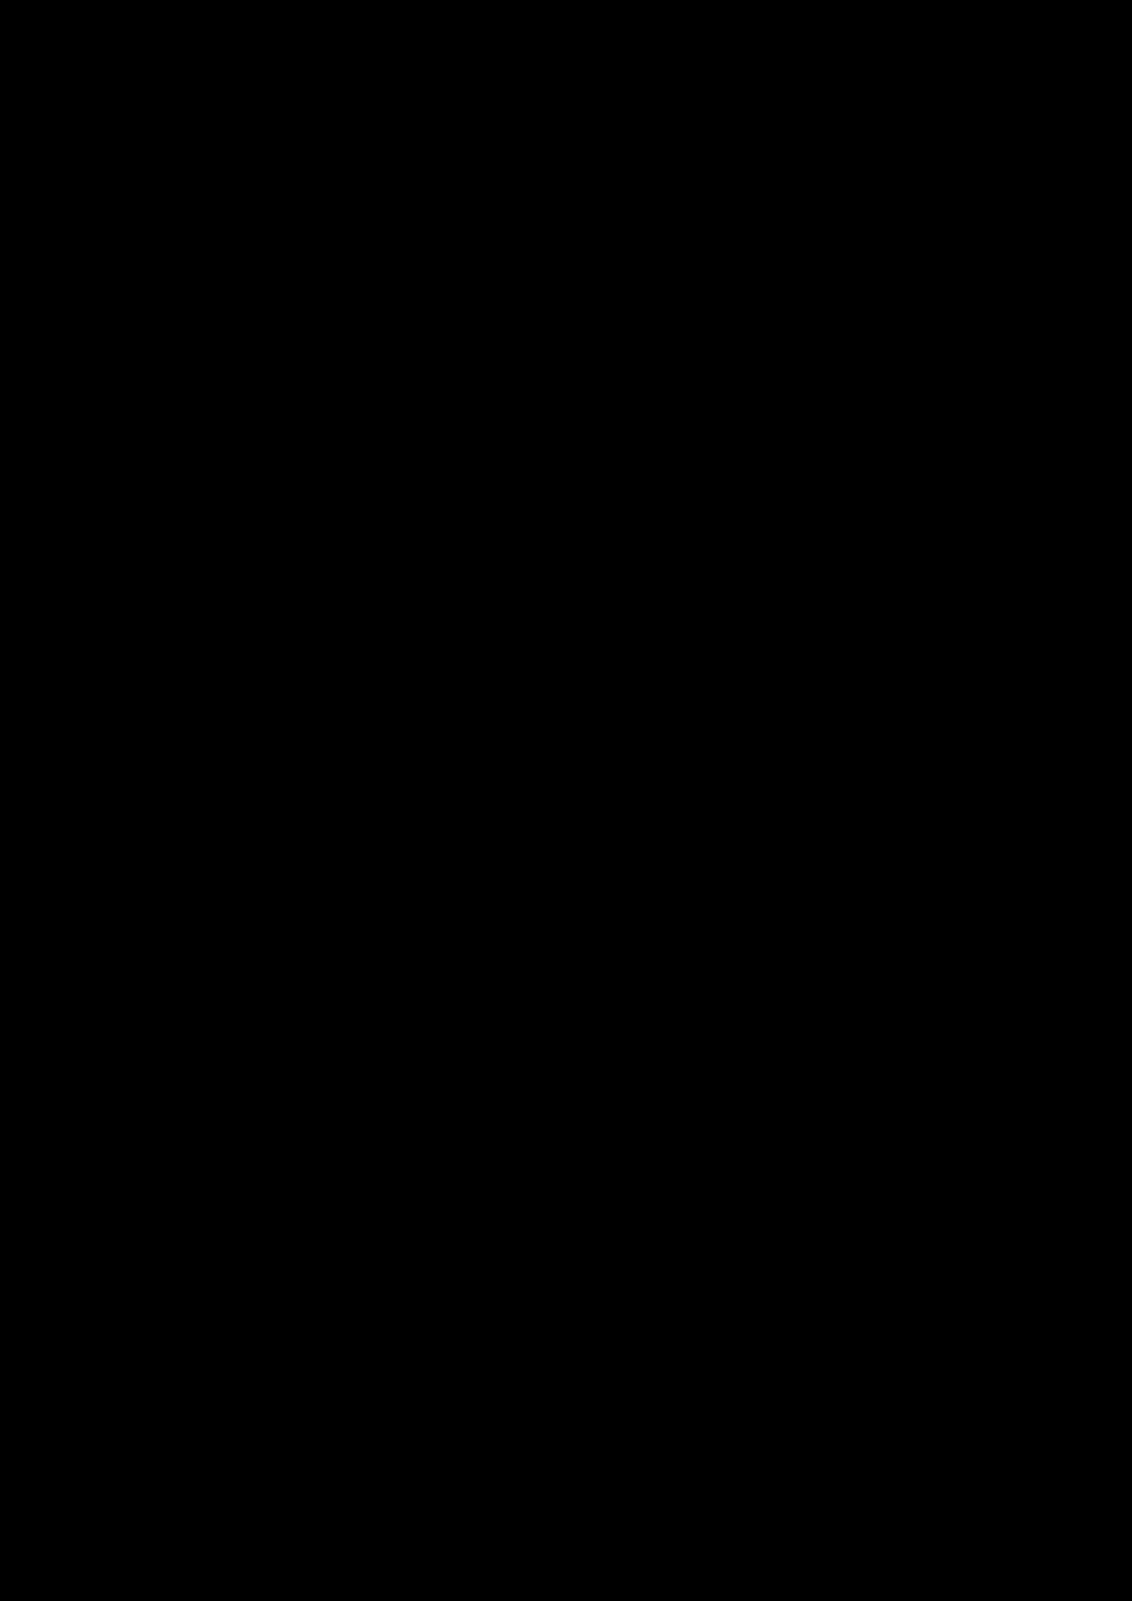 Proschanie s volshebnoy stranoy slide, Image 31